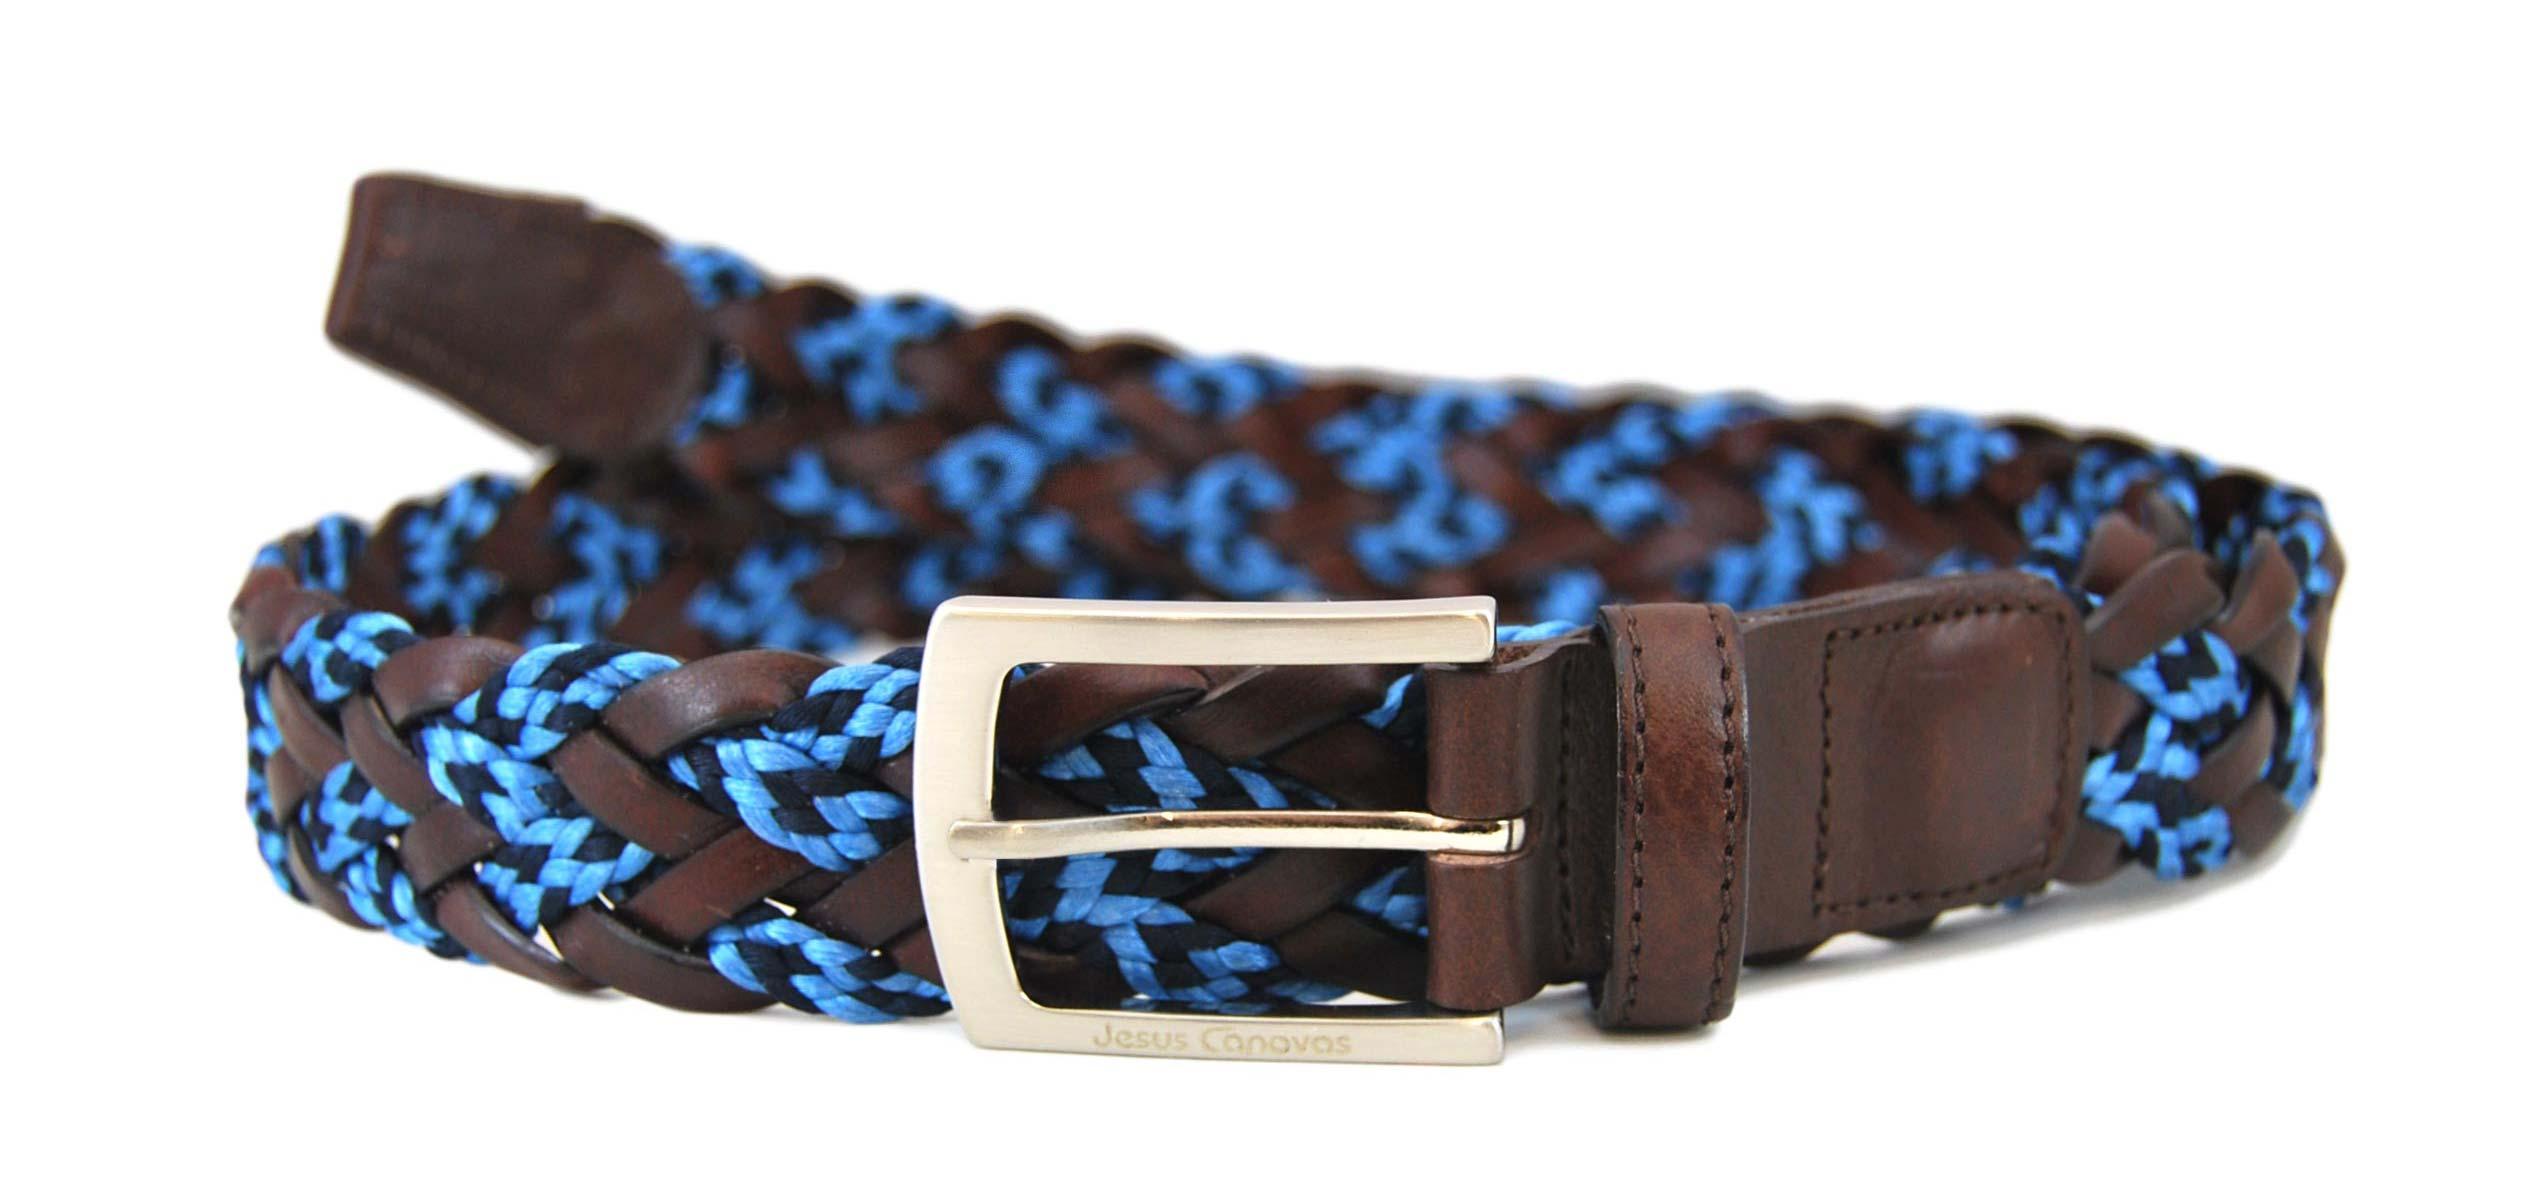 Foto 1 de Cinturon Trenzado Elastico Cuero - Azulon